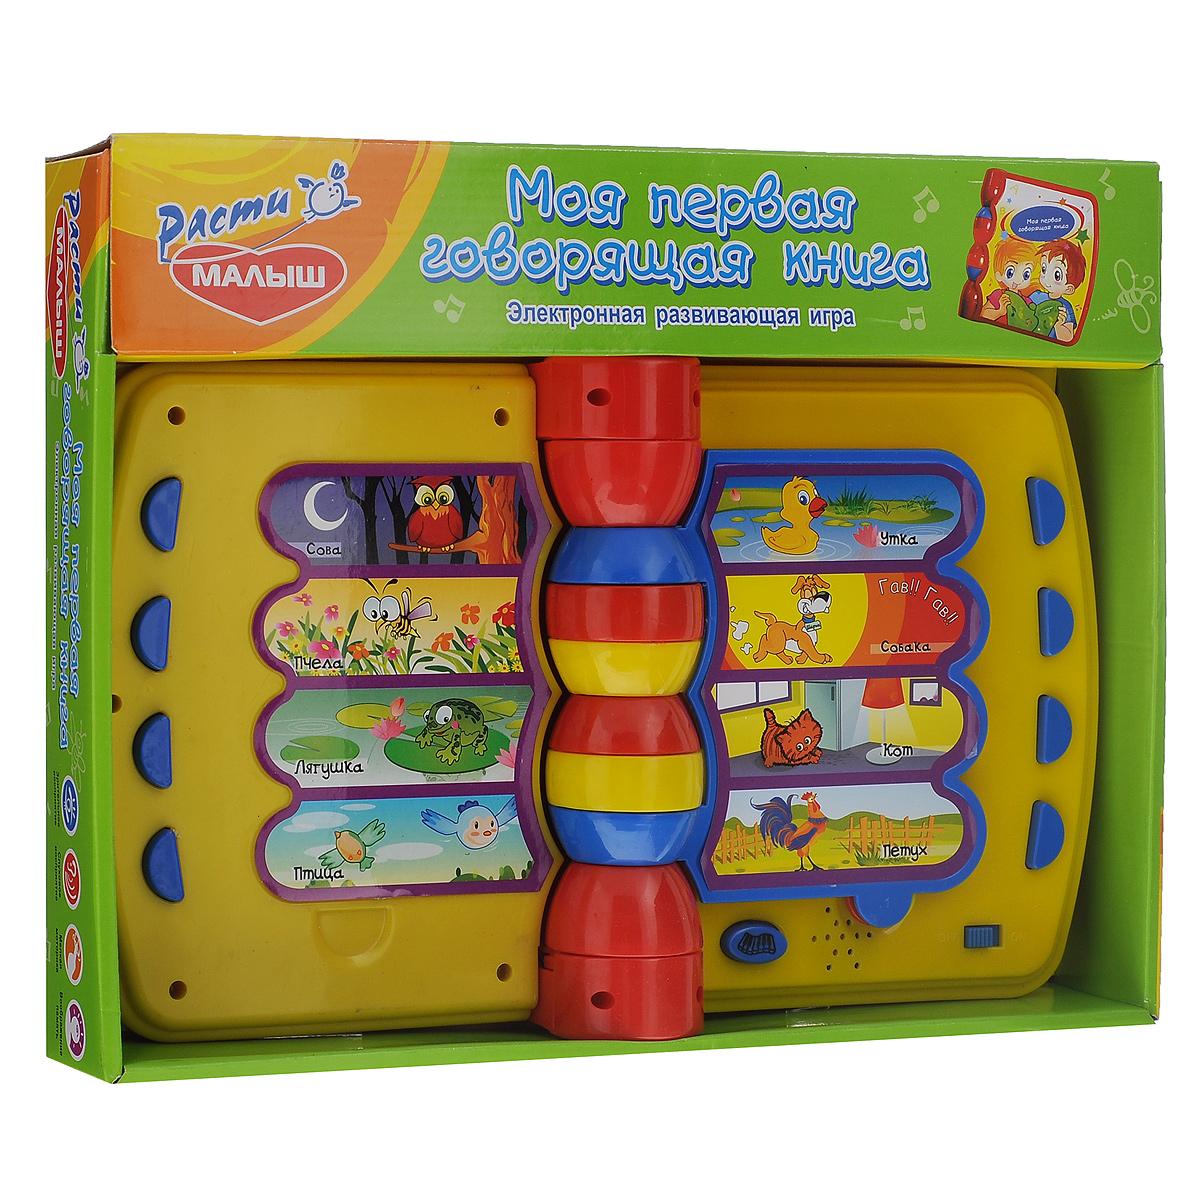 Развивающая игрушка Расти малыш Моя первая говорящая книга, цвет: желтый3089желтыйРазвивающая игрушка Расти малыш Моя первая говорящая книга заинтересует малыша и займет его на долгое время. Игрушка выполнена из высококачественного безопасного пластика в виде книжки, которая прекрасно послужит и для развлечения, и для обучения. Книга содержит 8 страниц, которые помогут малышу познакомиться с домашними и дикими животными, птицами, насекомыми, транспортом, музыкальными инструментами. Книжка умеет разговаривать, она называет тот предмет, на который нажмет малыш, а также имитирует голоса животных и звуки предметов и воспроизводит веселые песенки. В процессе игры с развивающей книгой у детей развиваются зрительное и слуховое восприятие, моторика, воображение, тренируется память, а так же ребенок увеличивает словарный запас. Рекомендуется докупить 2 батарейки типа АА напряжением 1,5 V (товар комплектуется демонстрационными).